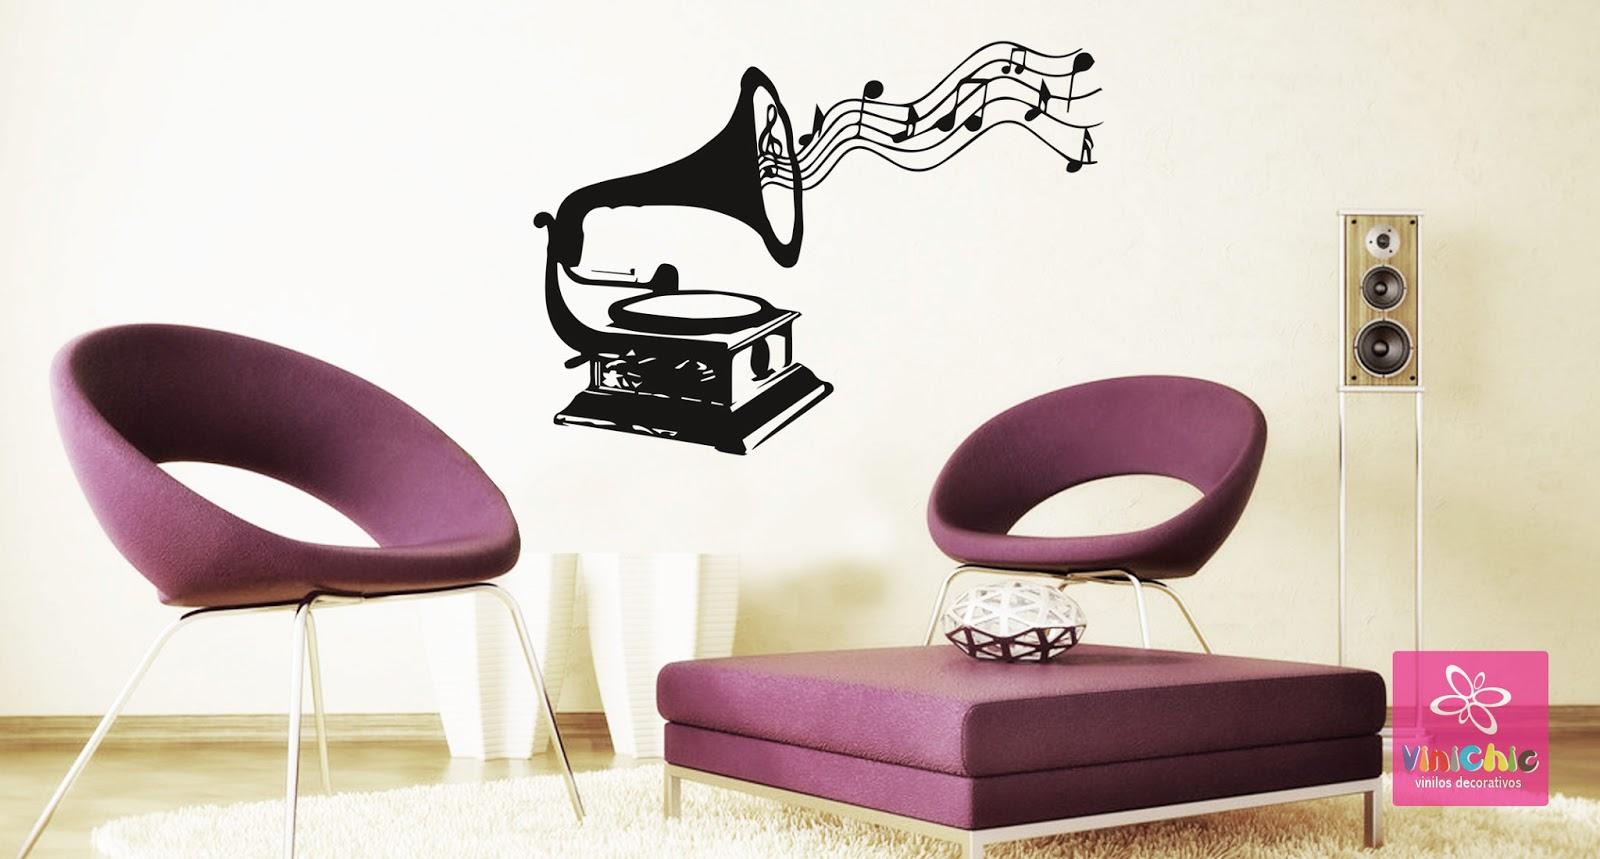 Vinilo decorativo salon affordable vinilo decorativo en - Salones con vinilos decorativos ...